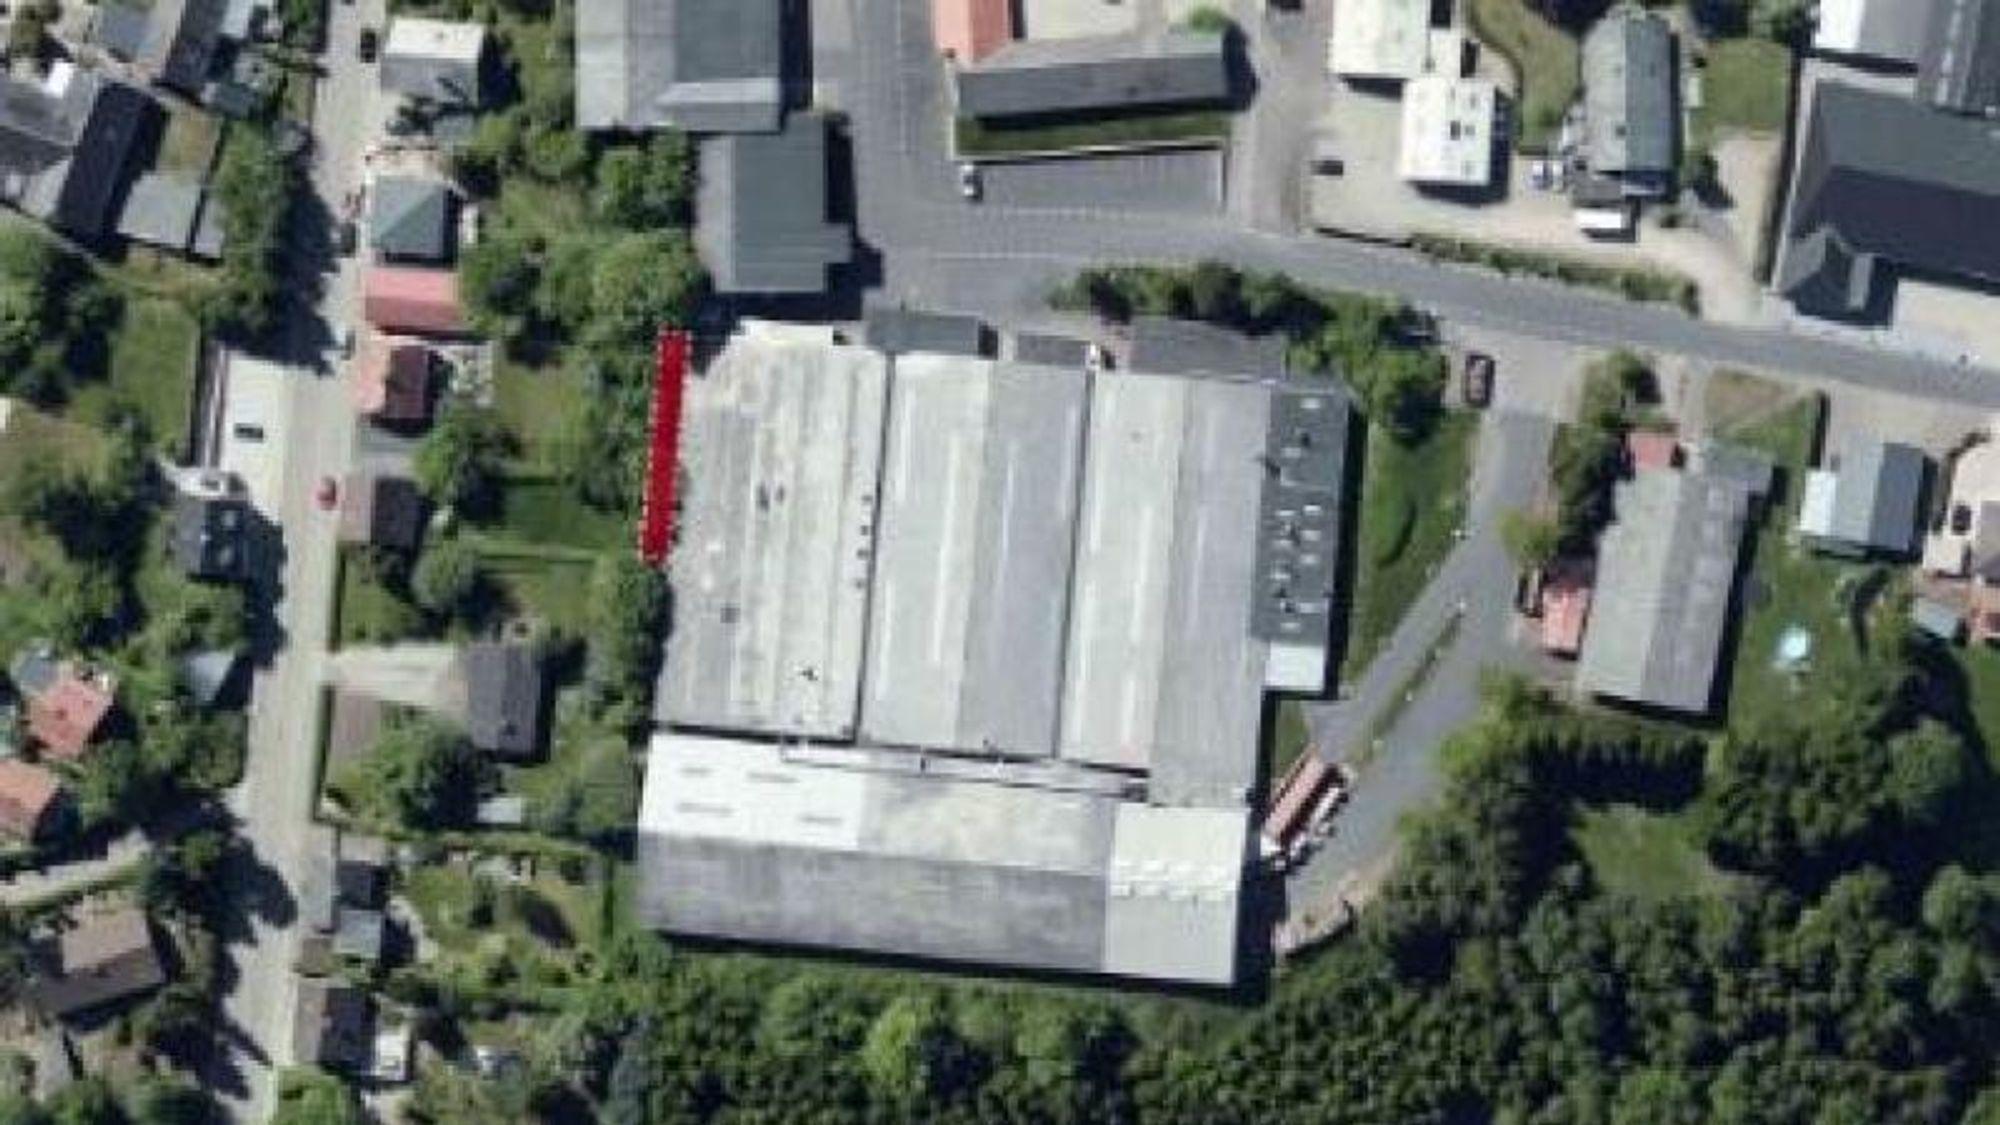 Den røde markeringen viser hvor entreprenørmaskiner borer opp 200 tonn forurenset jord i den danske småbyen Them. De fire store produksjonsbygningene er sykkelprodusenten Winther.